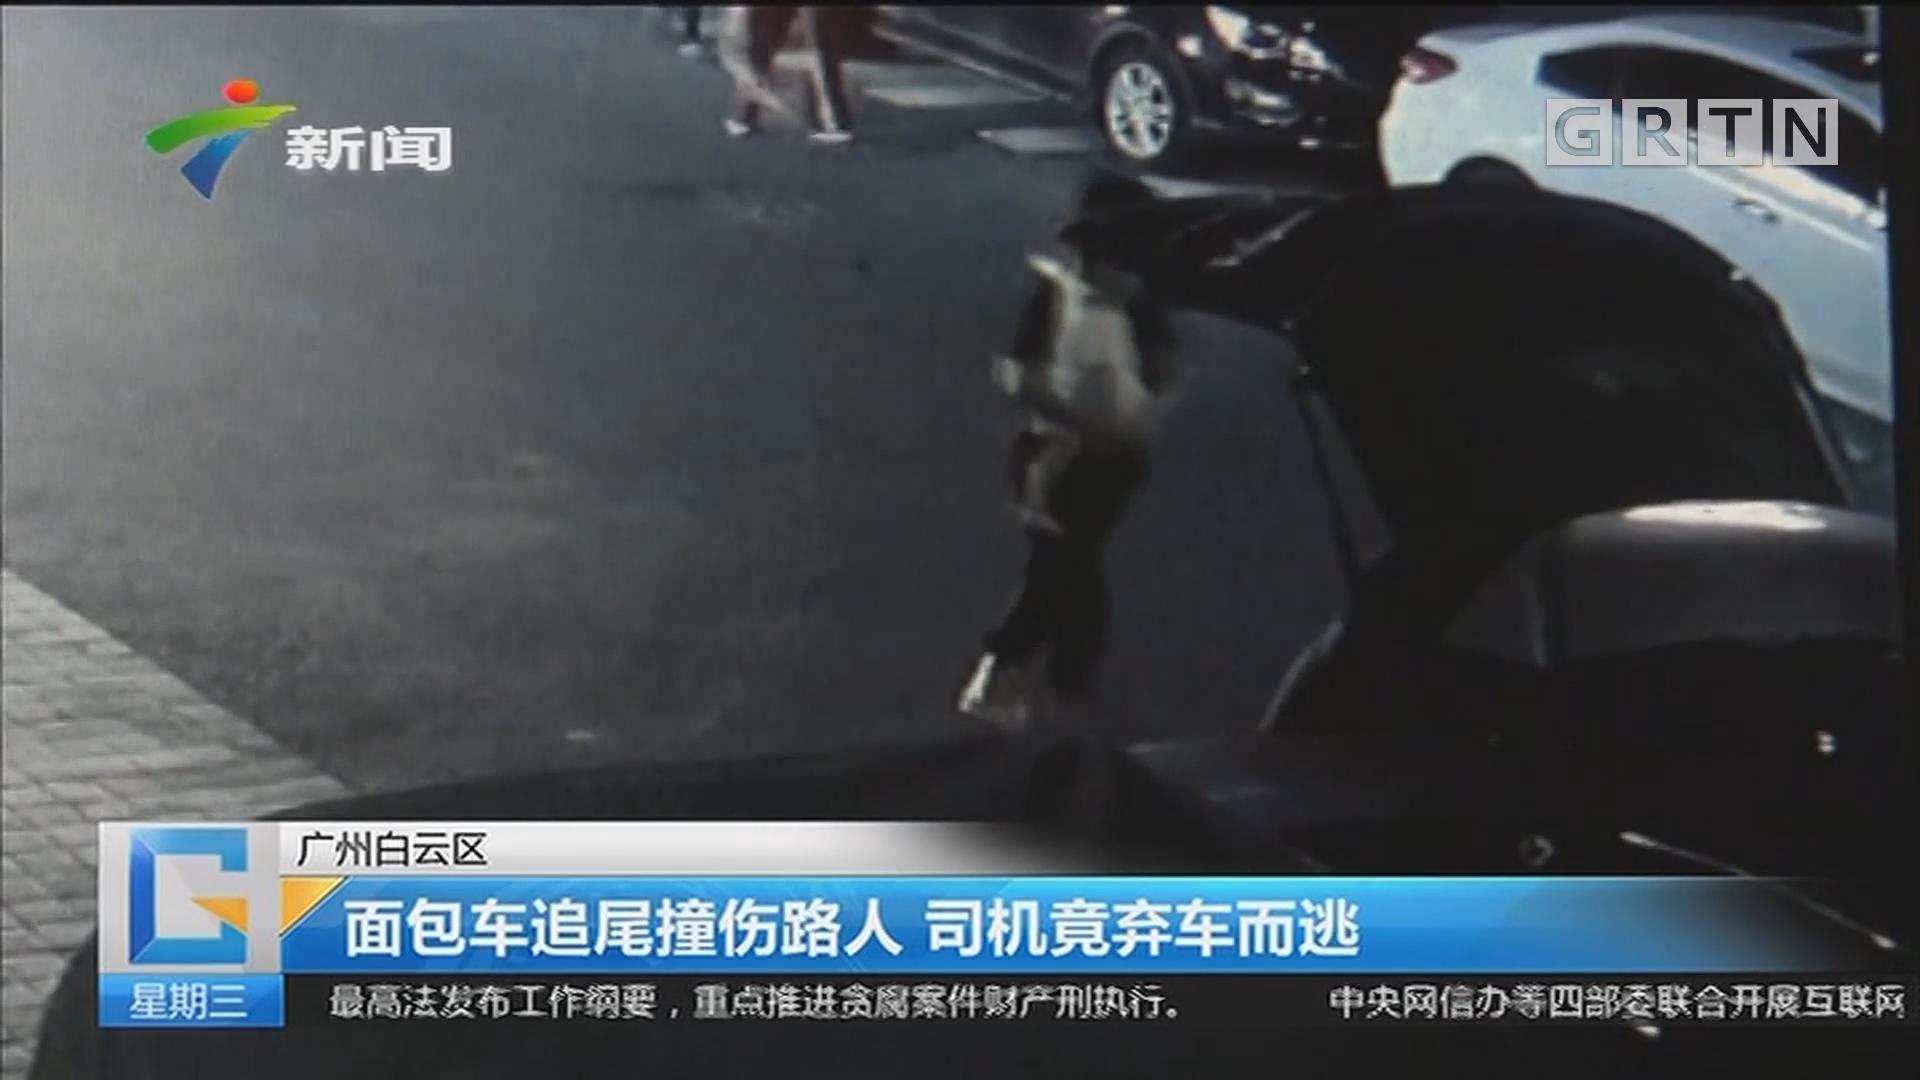 广州白云区:面包车追尾撞伤路人 司机竟弃车而逃